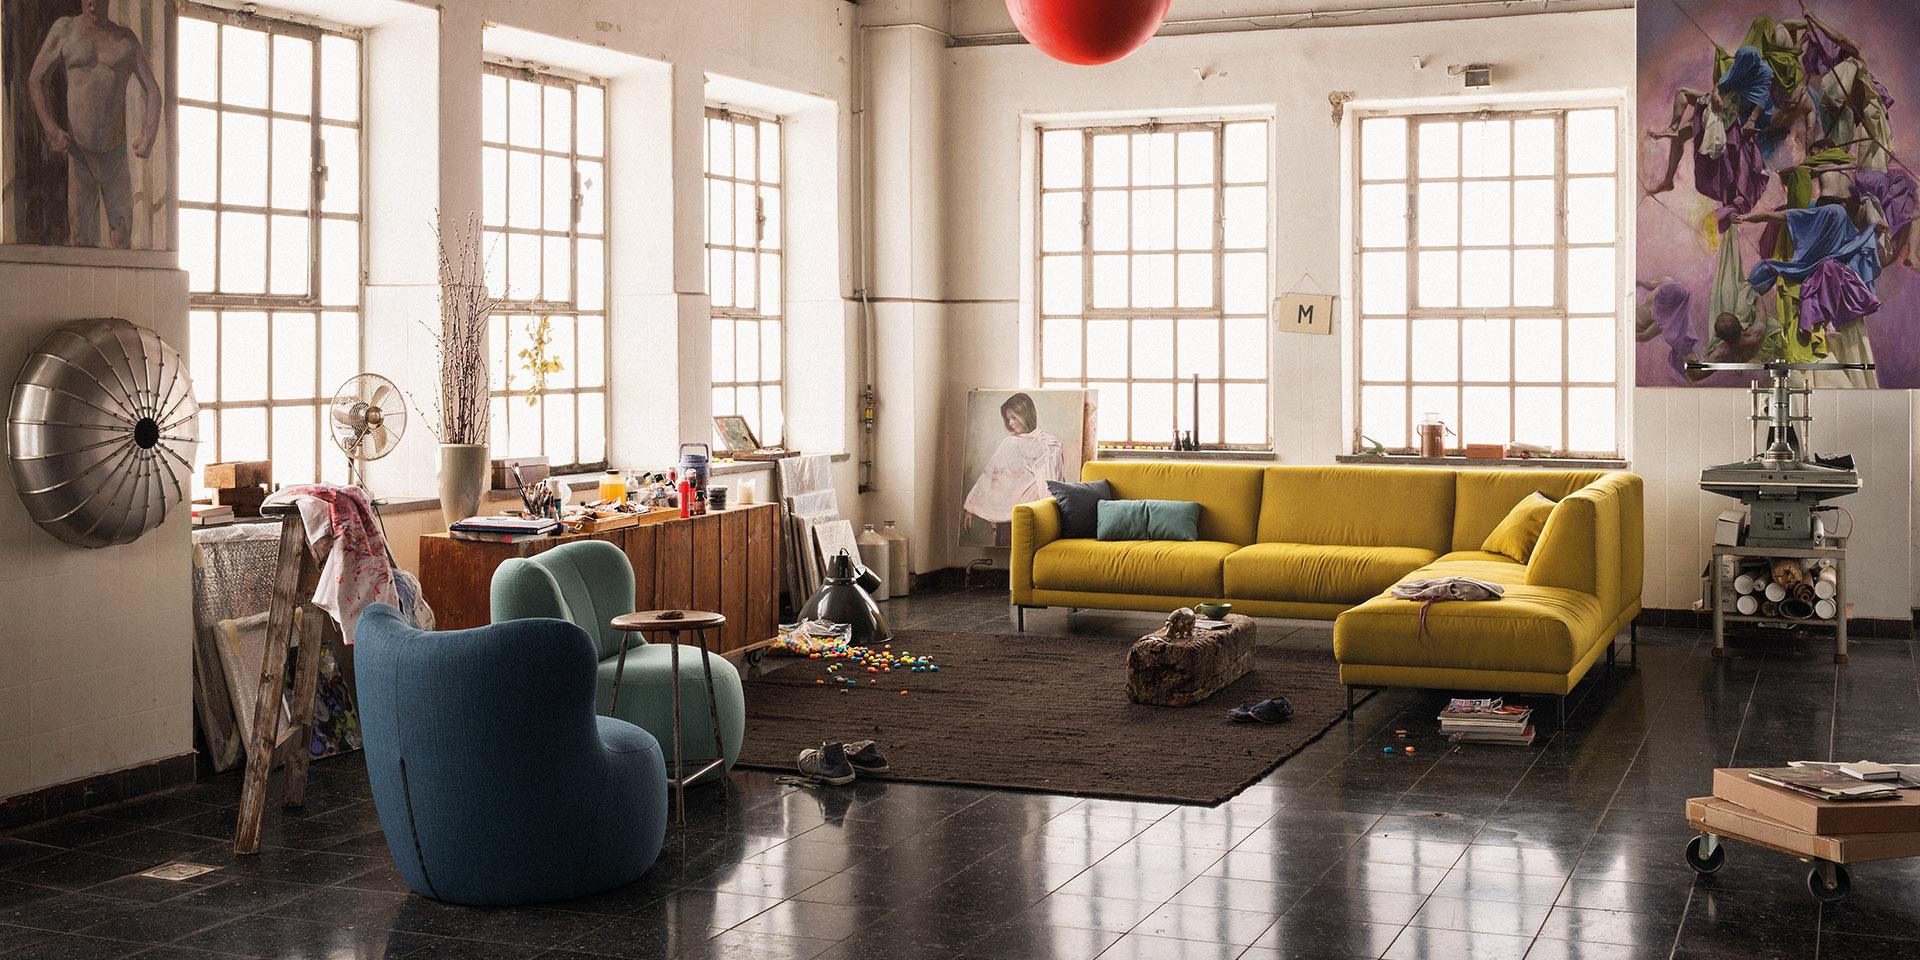 freistil bei fenchel wohnfaszination gmbh. Black Bedroom Furniture Sets. Home Design Ideas